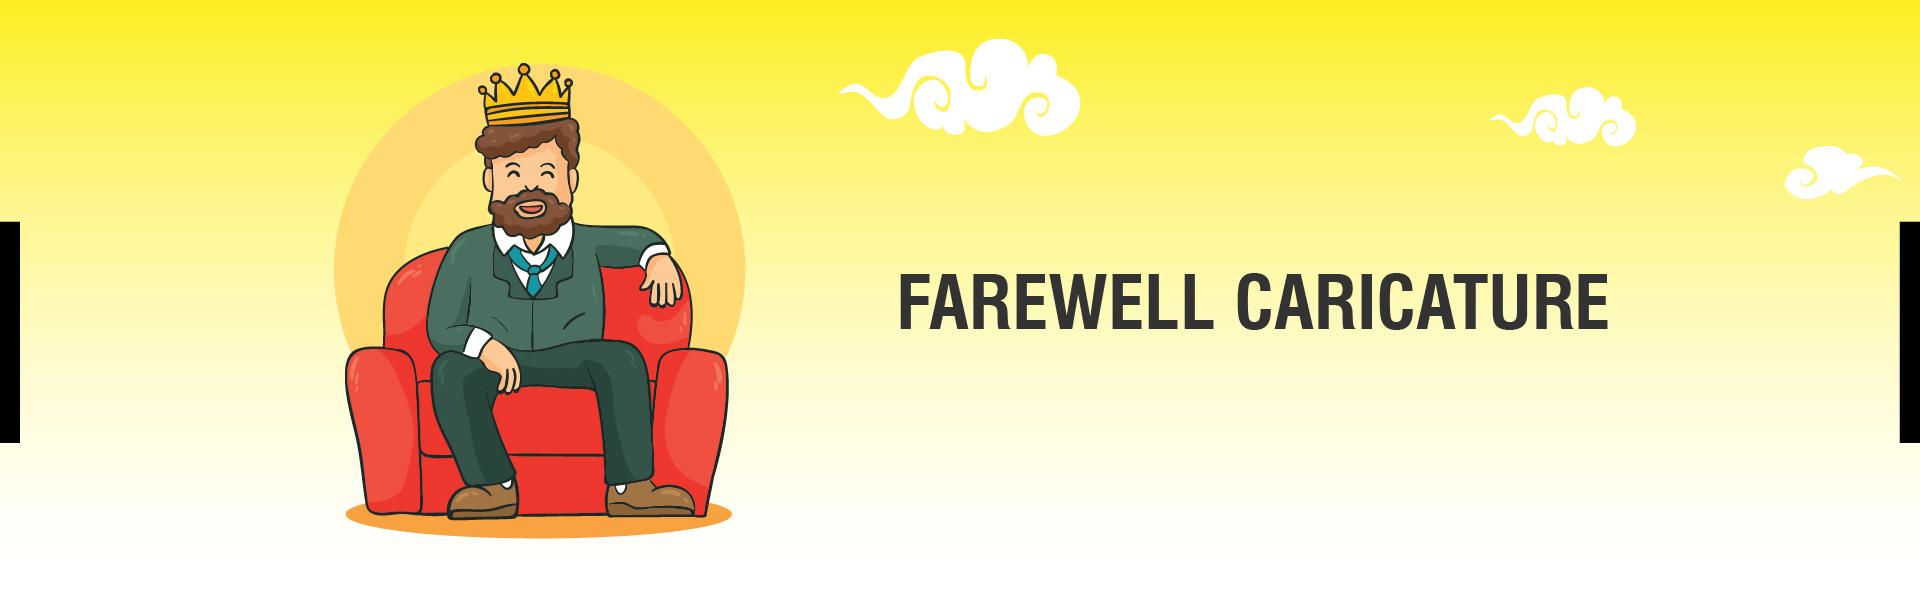 Farewell gift